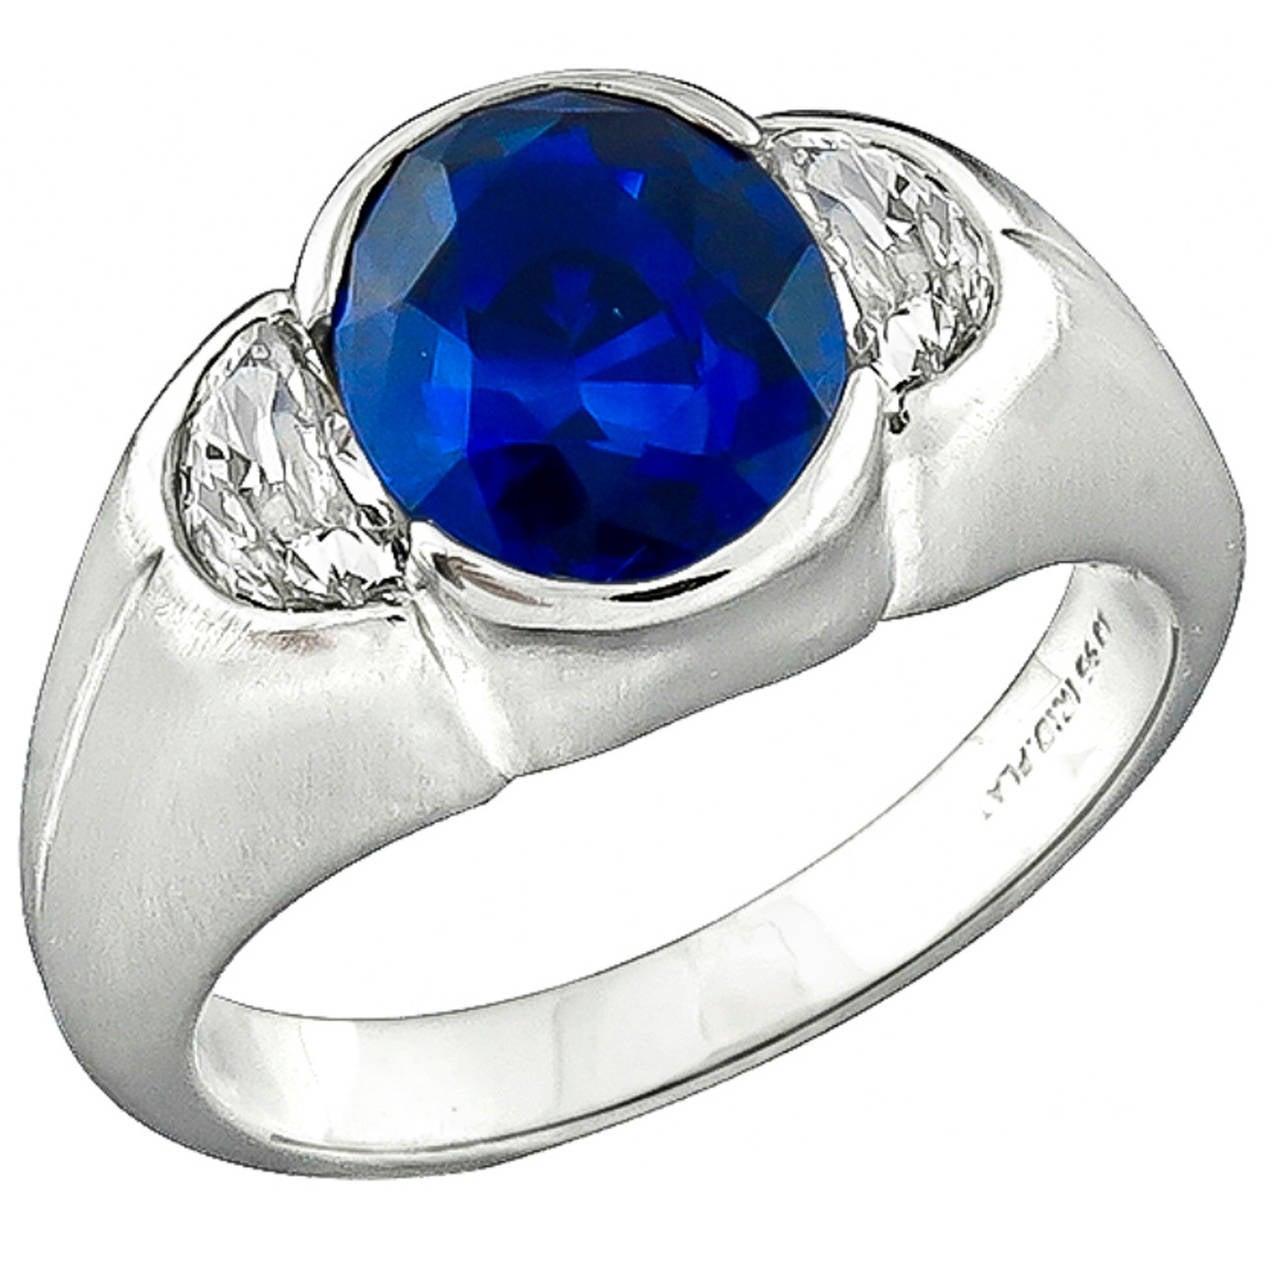 Antique 2.60 Carat Sapphire Diamond Platinum Ring